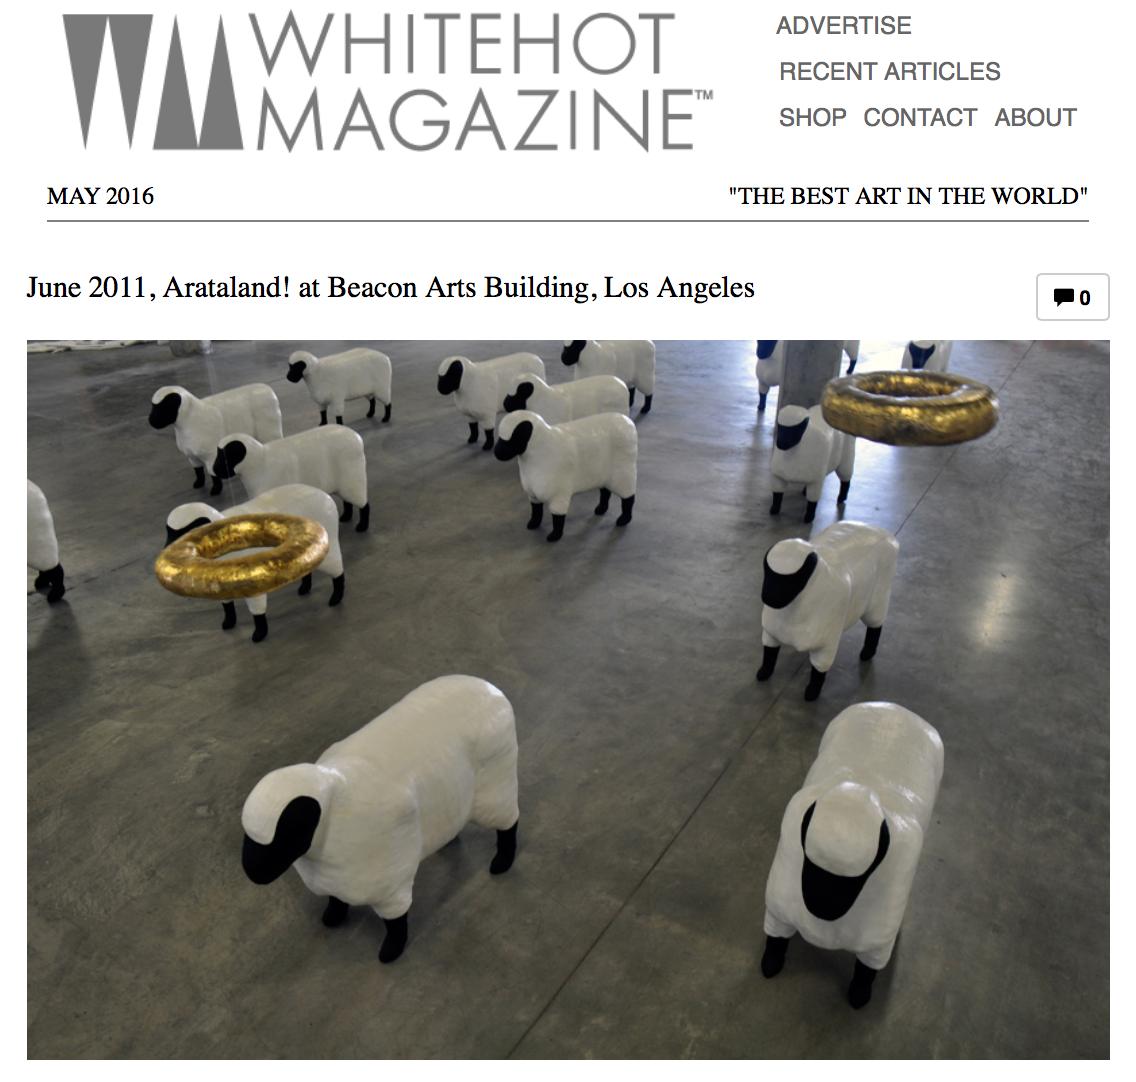 WhiteHotMagazine Article, 2011